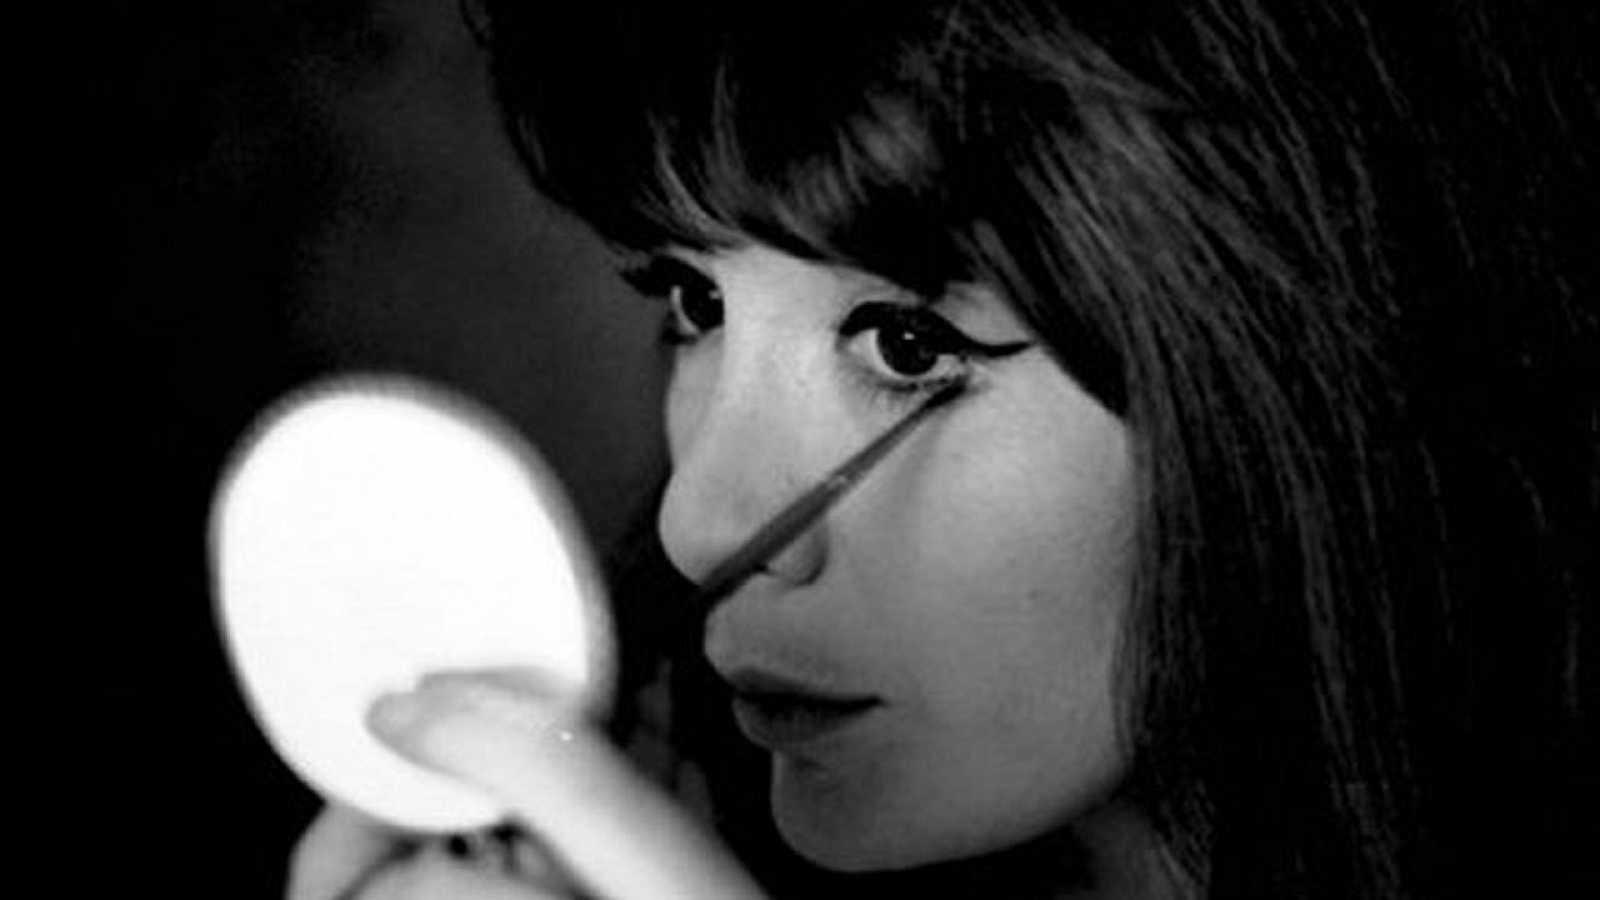 Retromanía - Adiós a Juliette Greco, la voz de una época - 28/09/20 - escuchar ahora